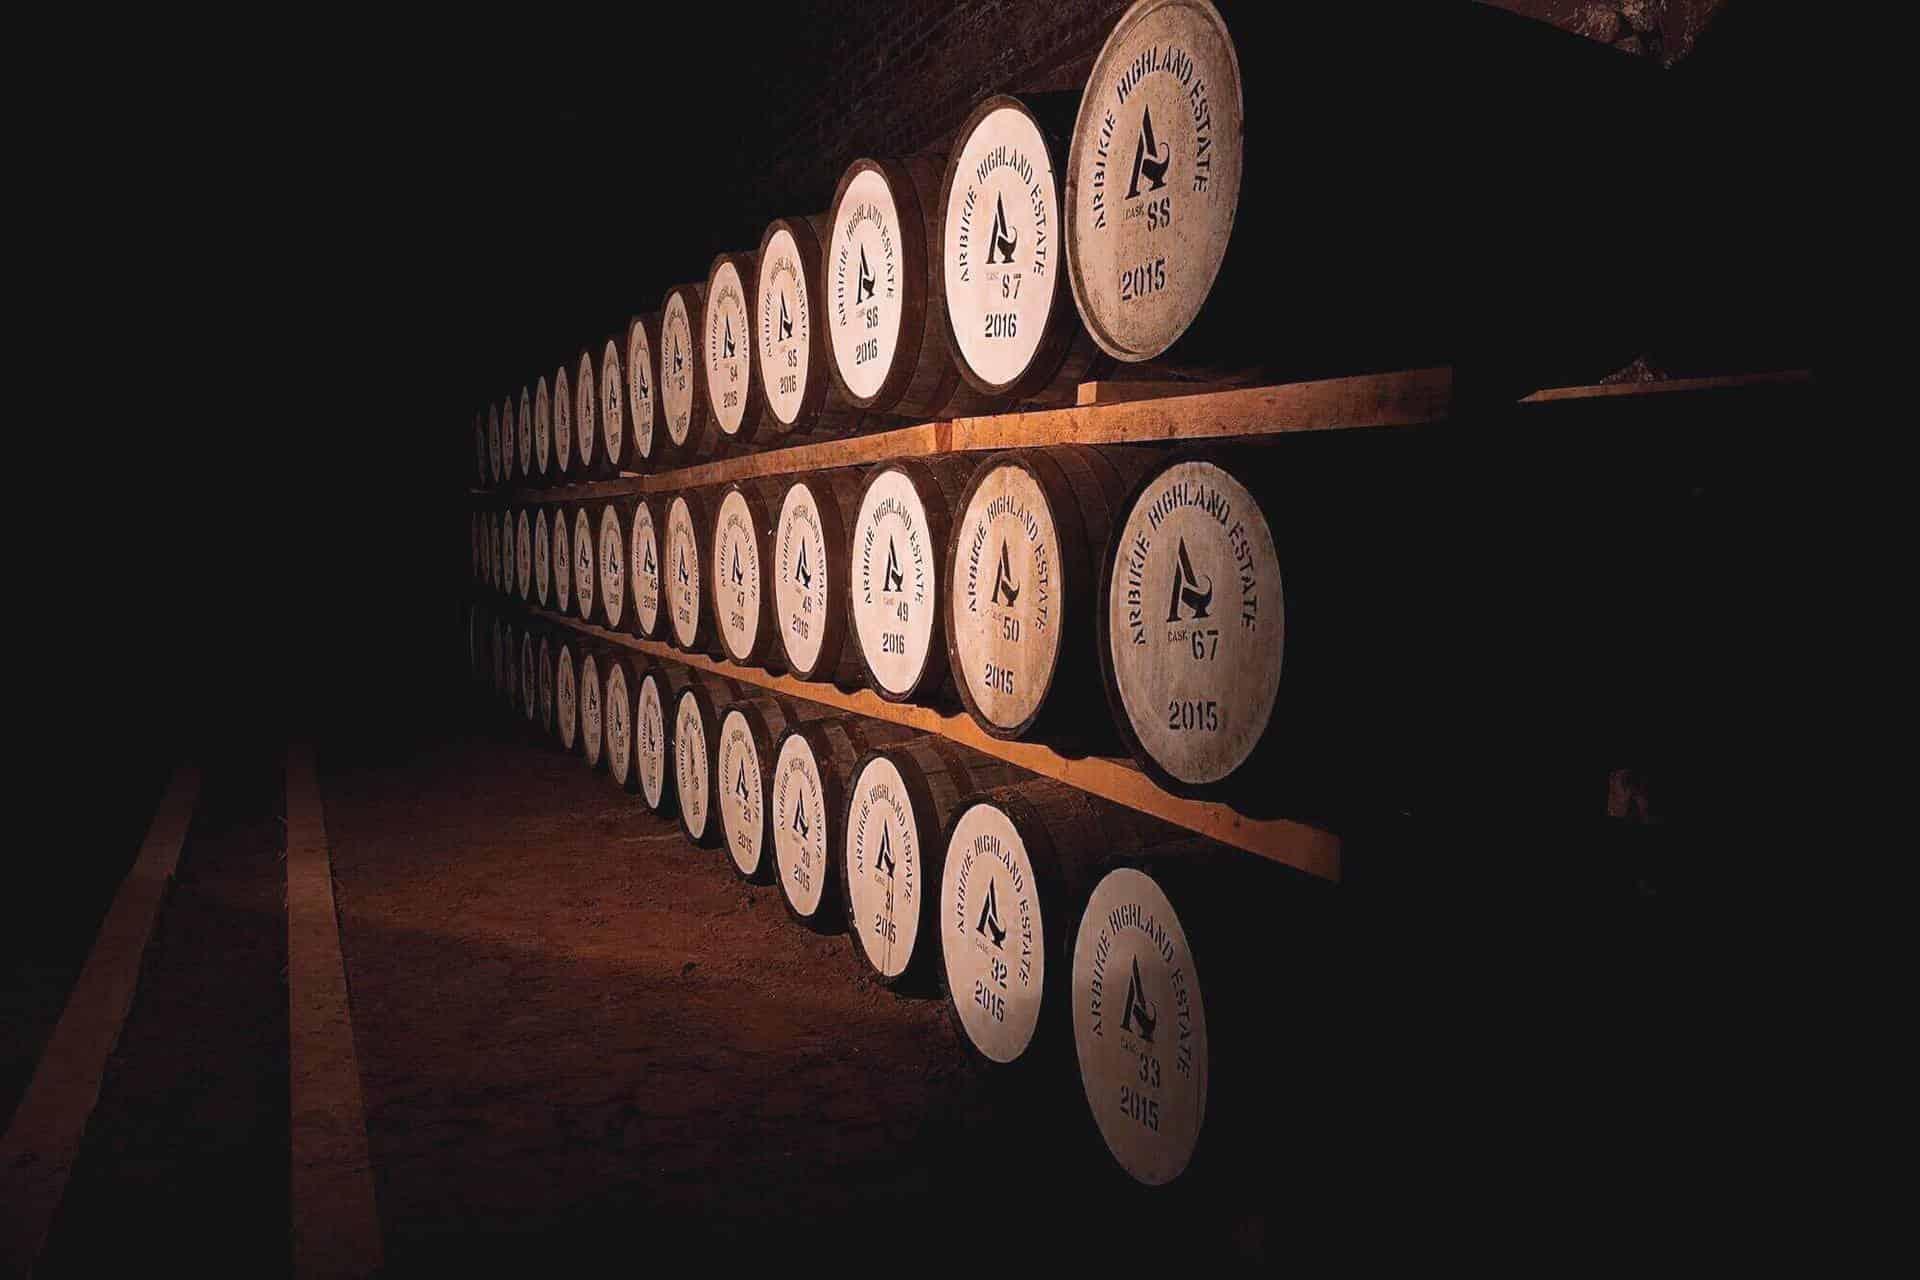 Whisky-Casks